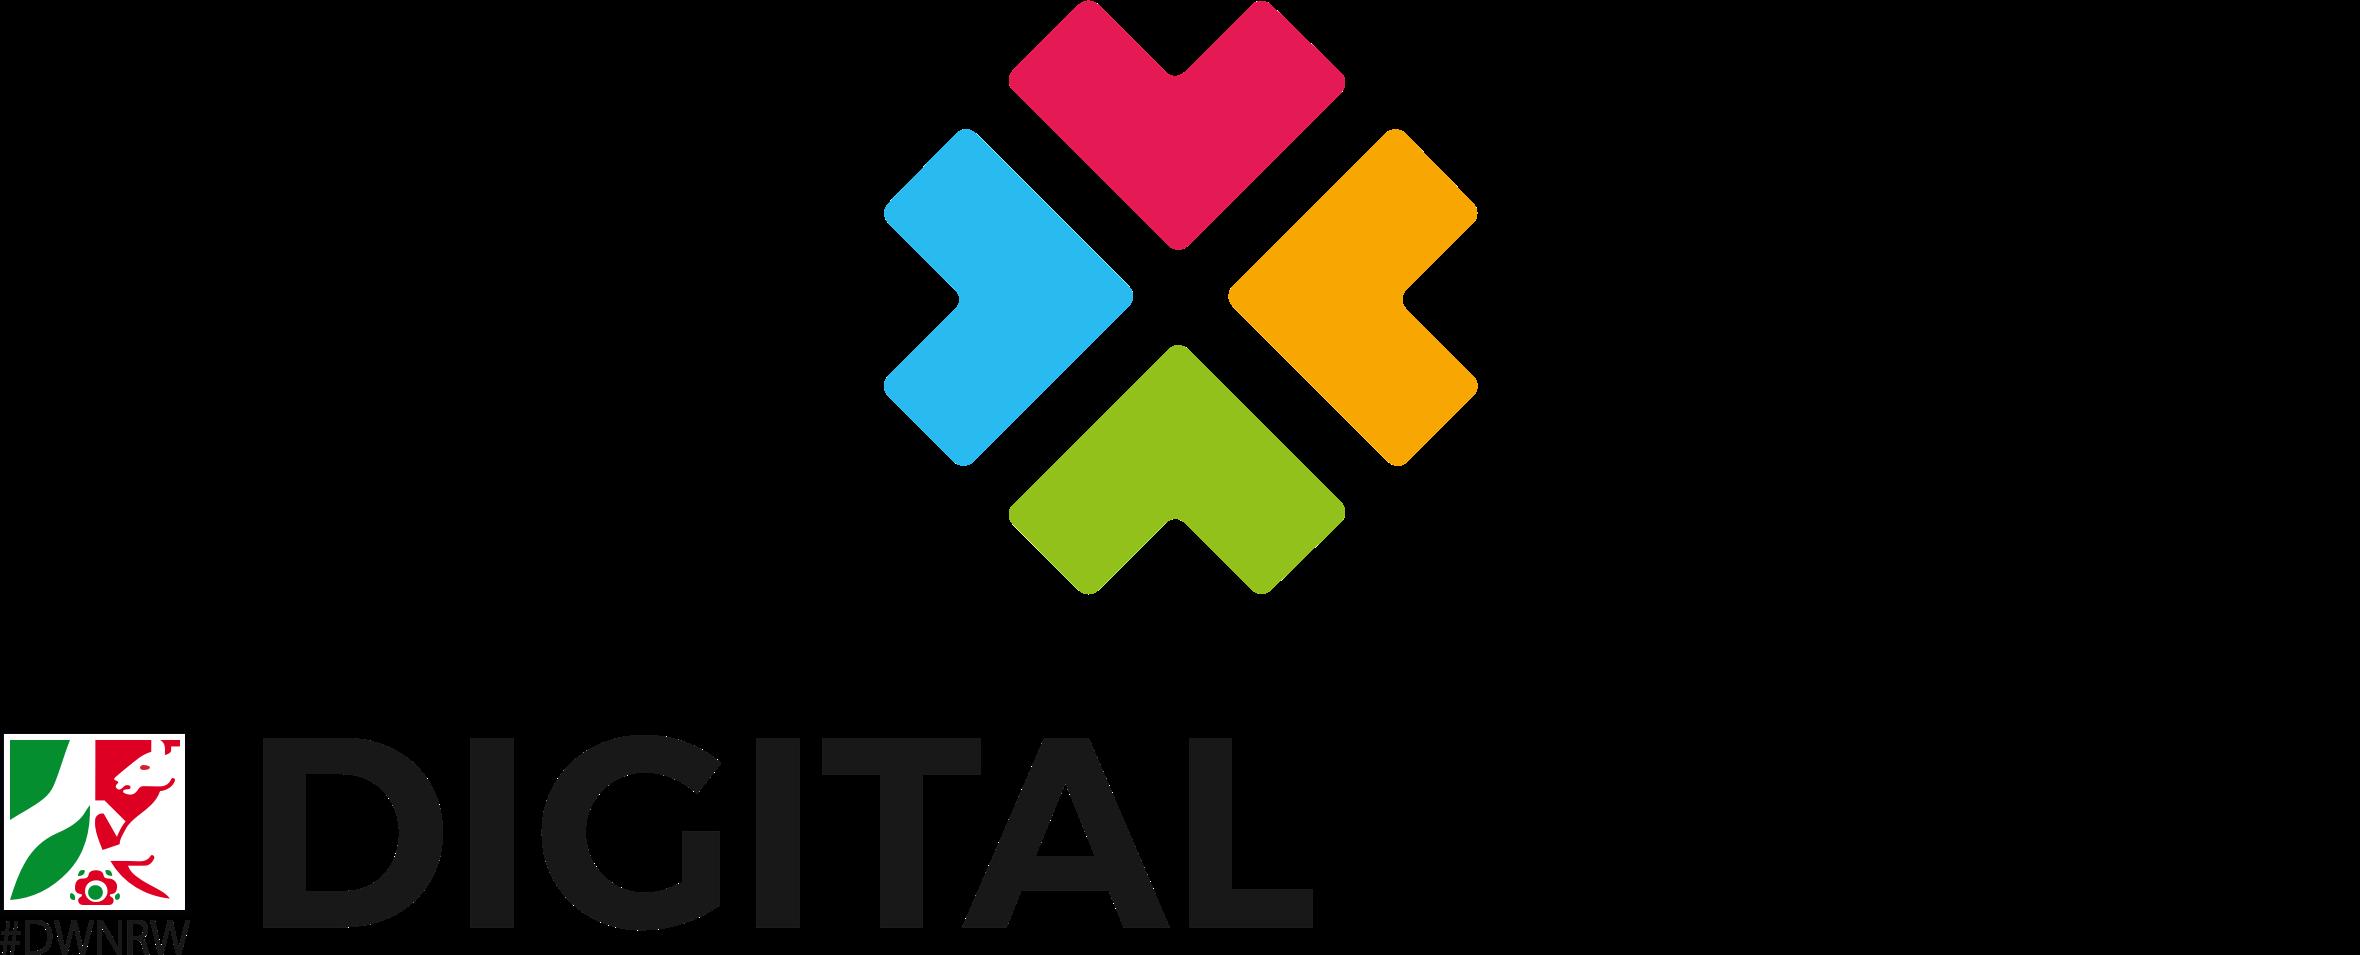 DIGITALHUB.de_logo